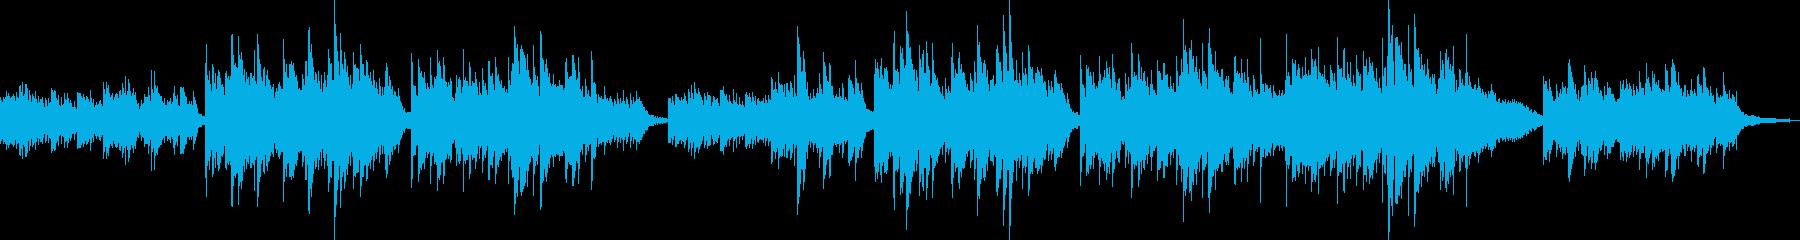 ピアノソロから穏やかに盛り上がる曲の再生済みの波形